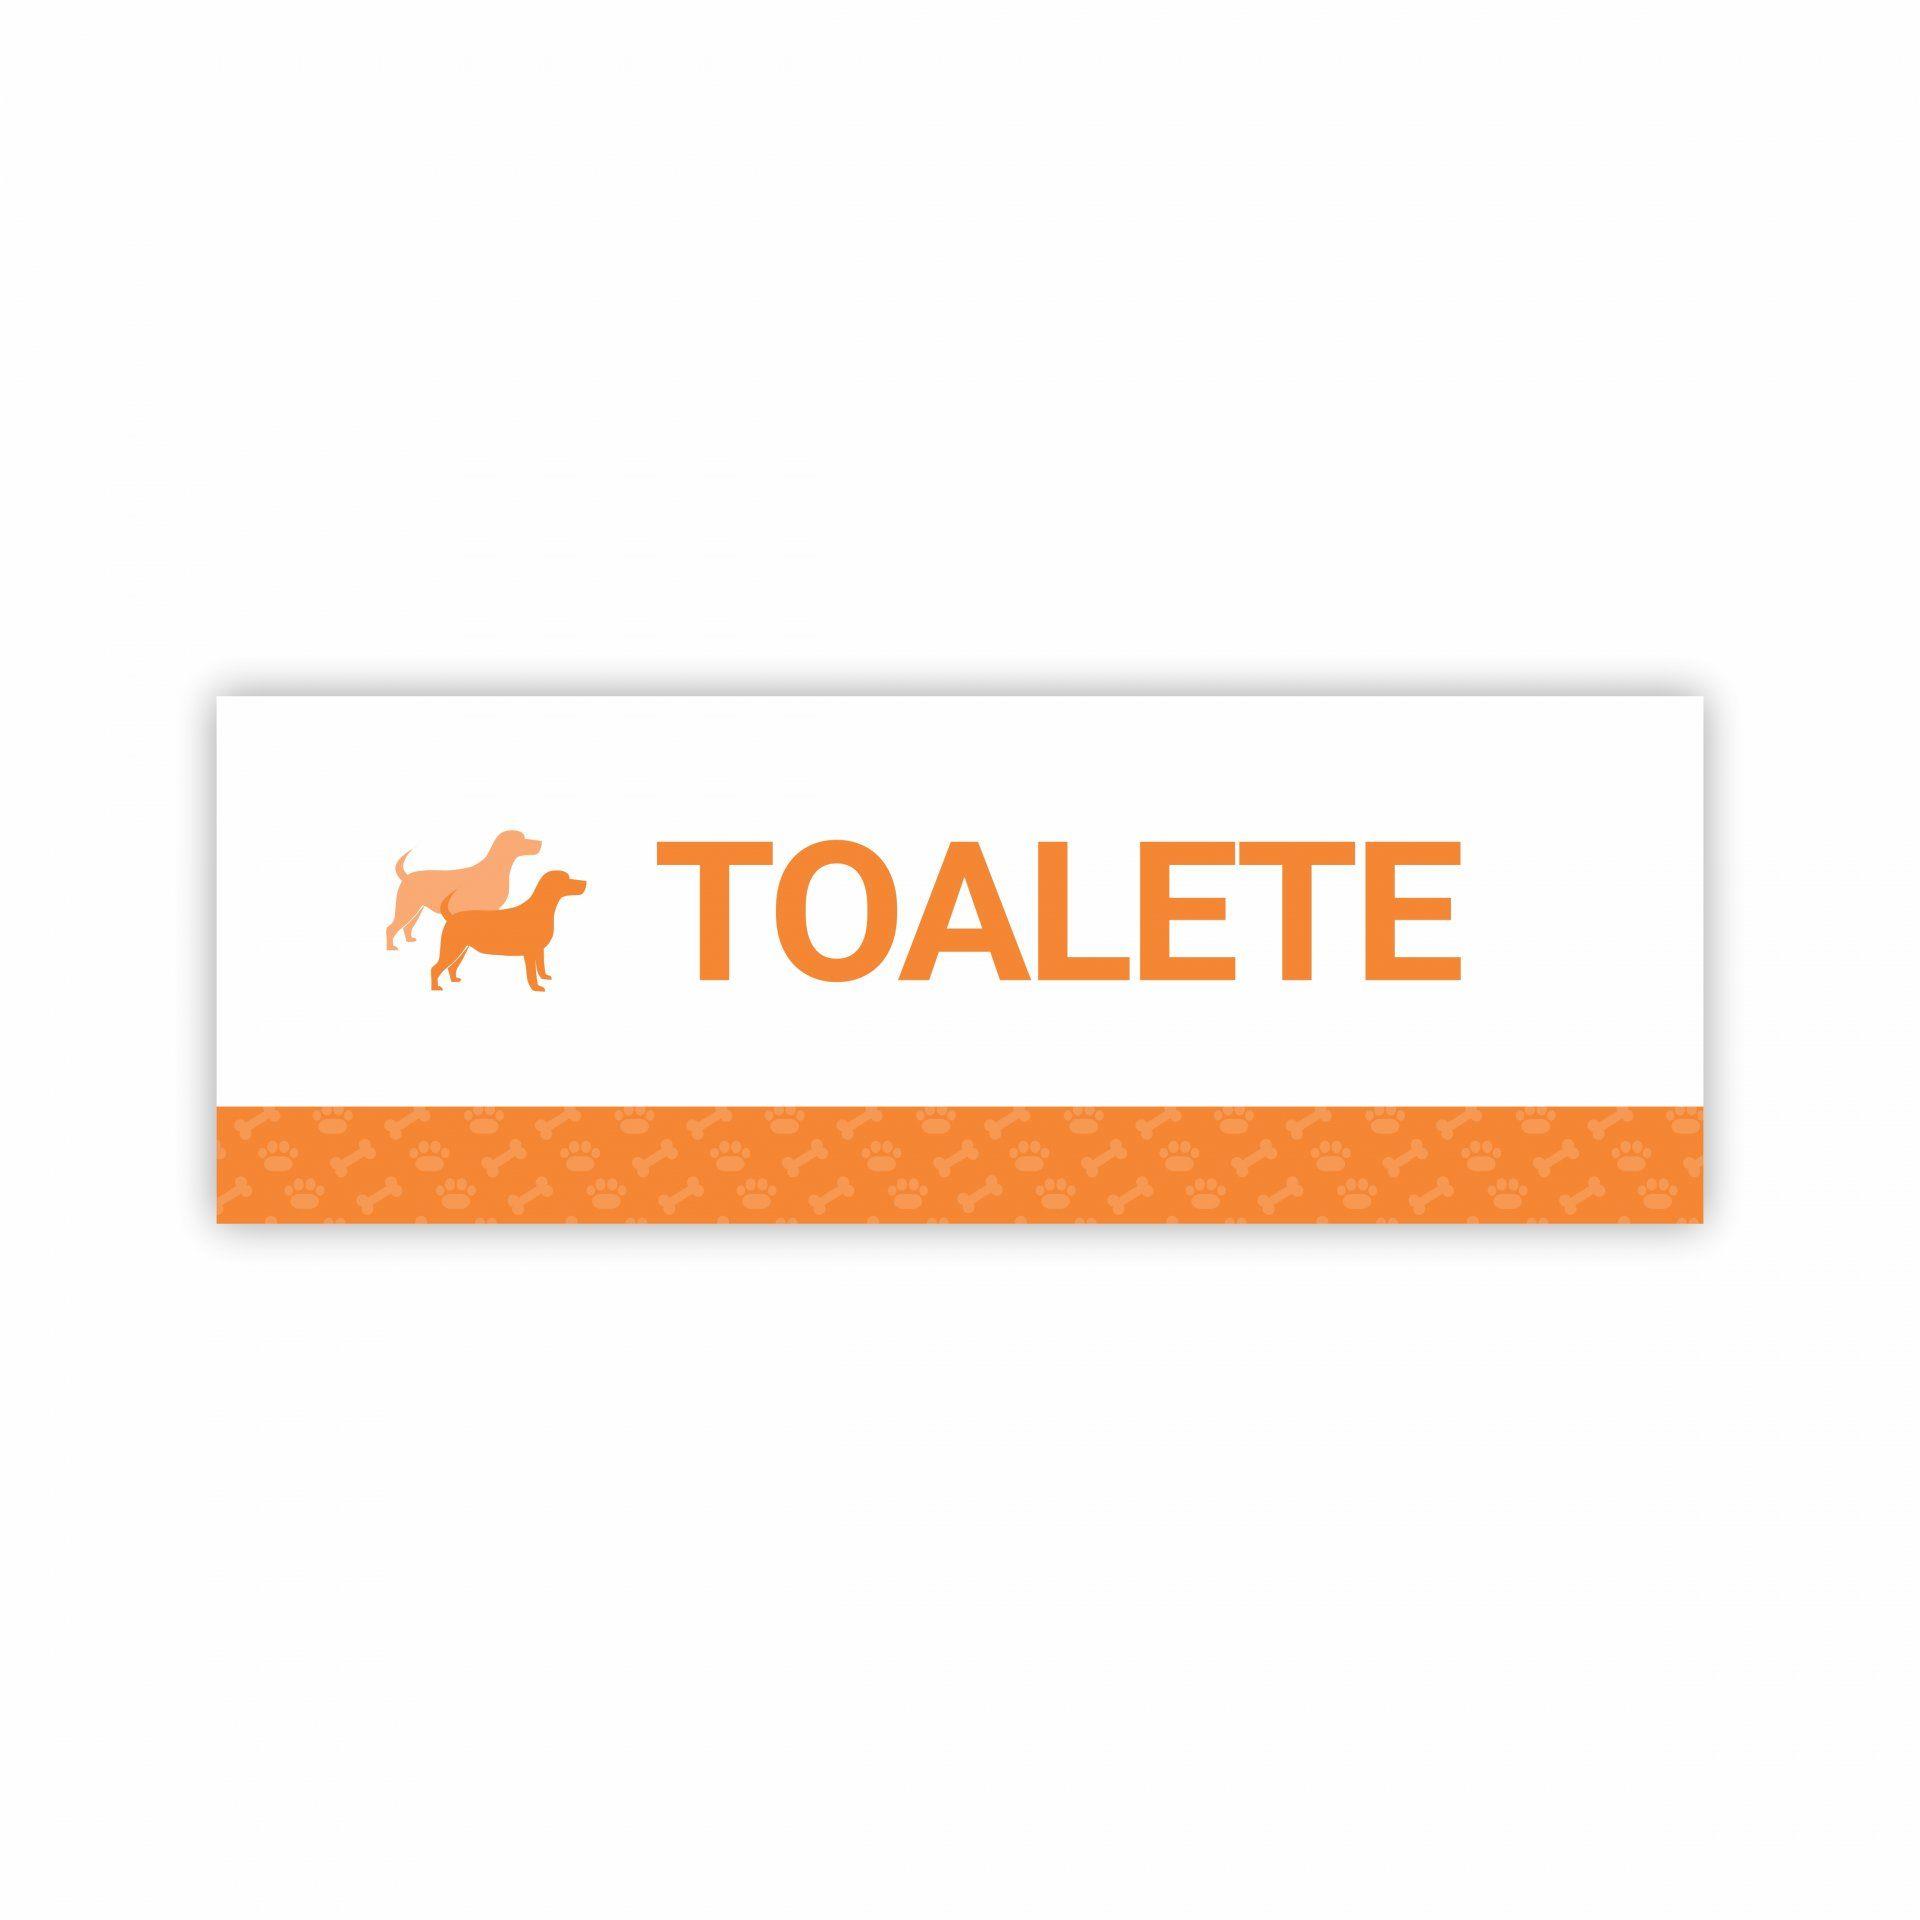 placa-para-clinicas-veterinarias-pet-shop-ou-banho-e-tosa-toalete